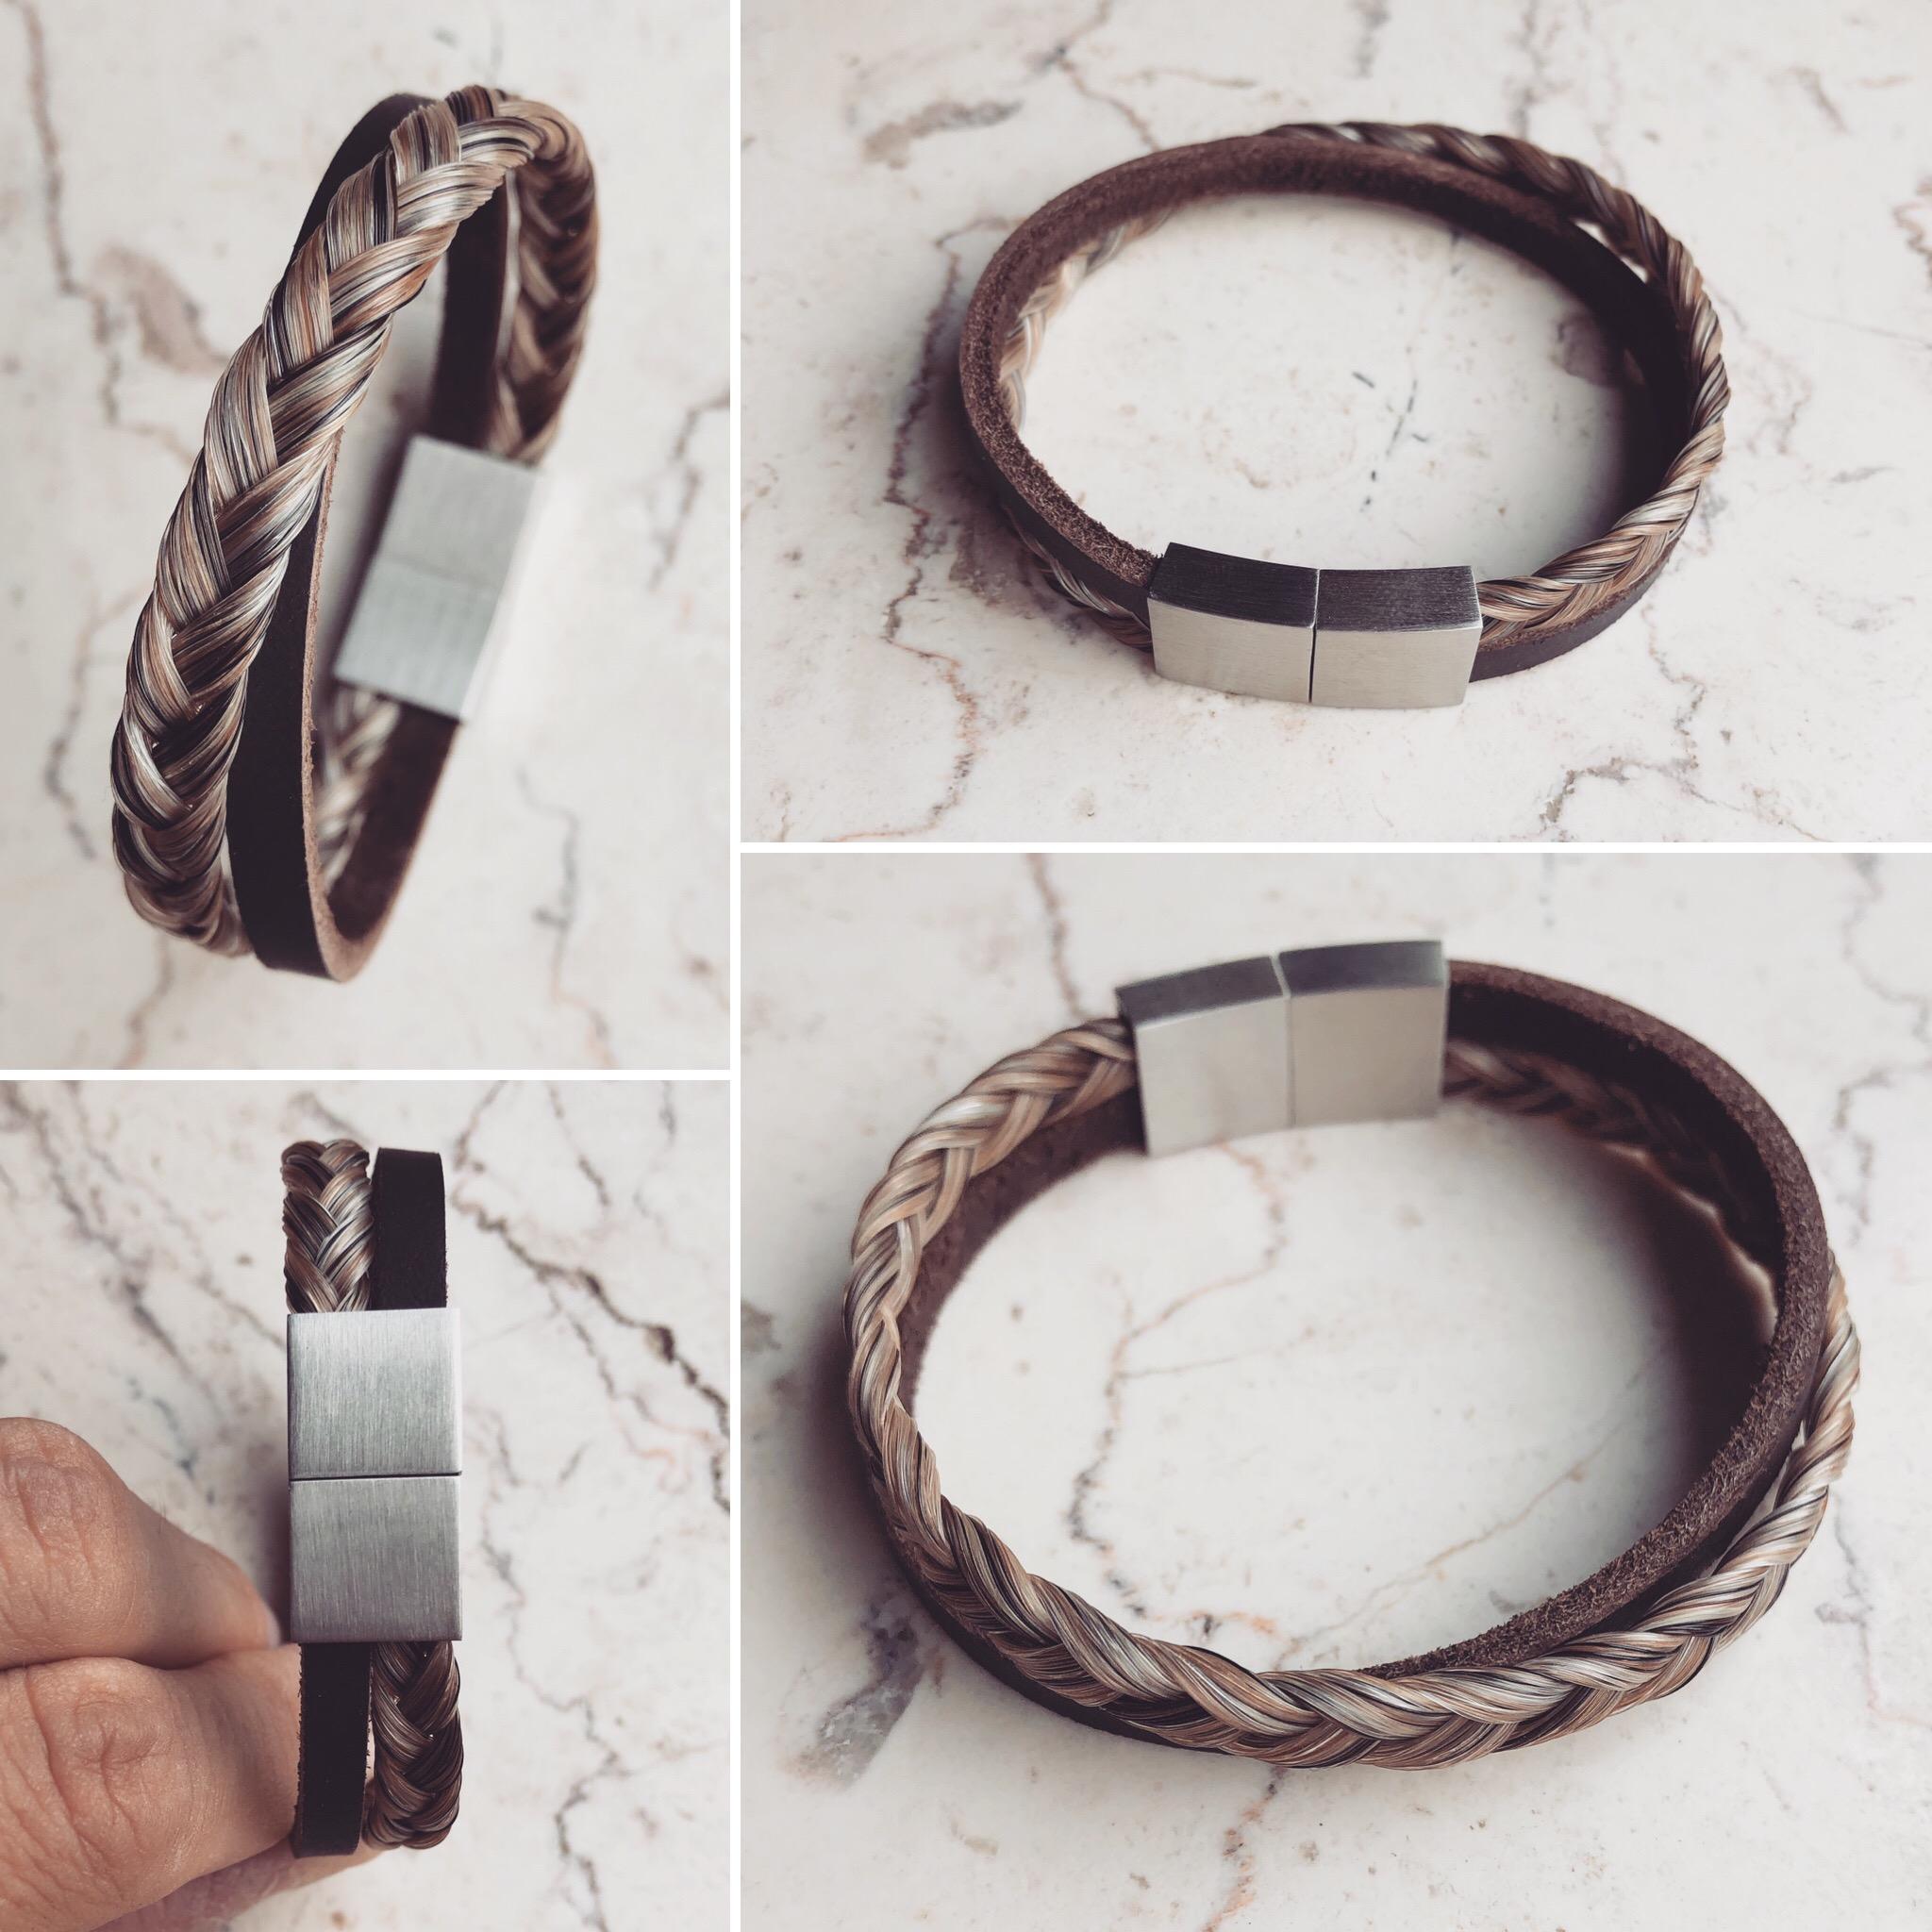 Doppelarmband, 3-fach geflochten mit flachen dunkelbraunen Lederband und Edelstahl Magnetverschluss in matt-Optik